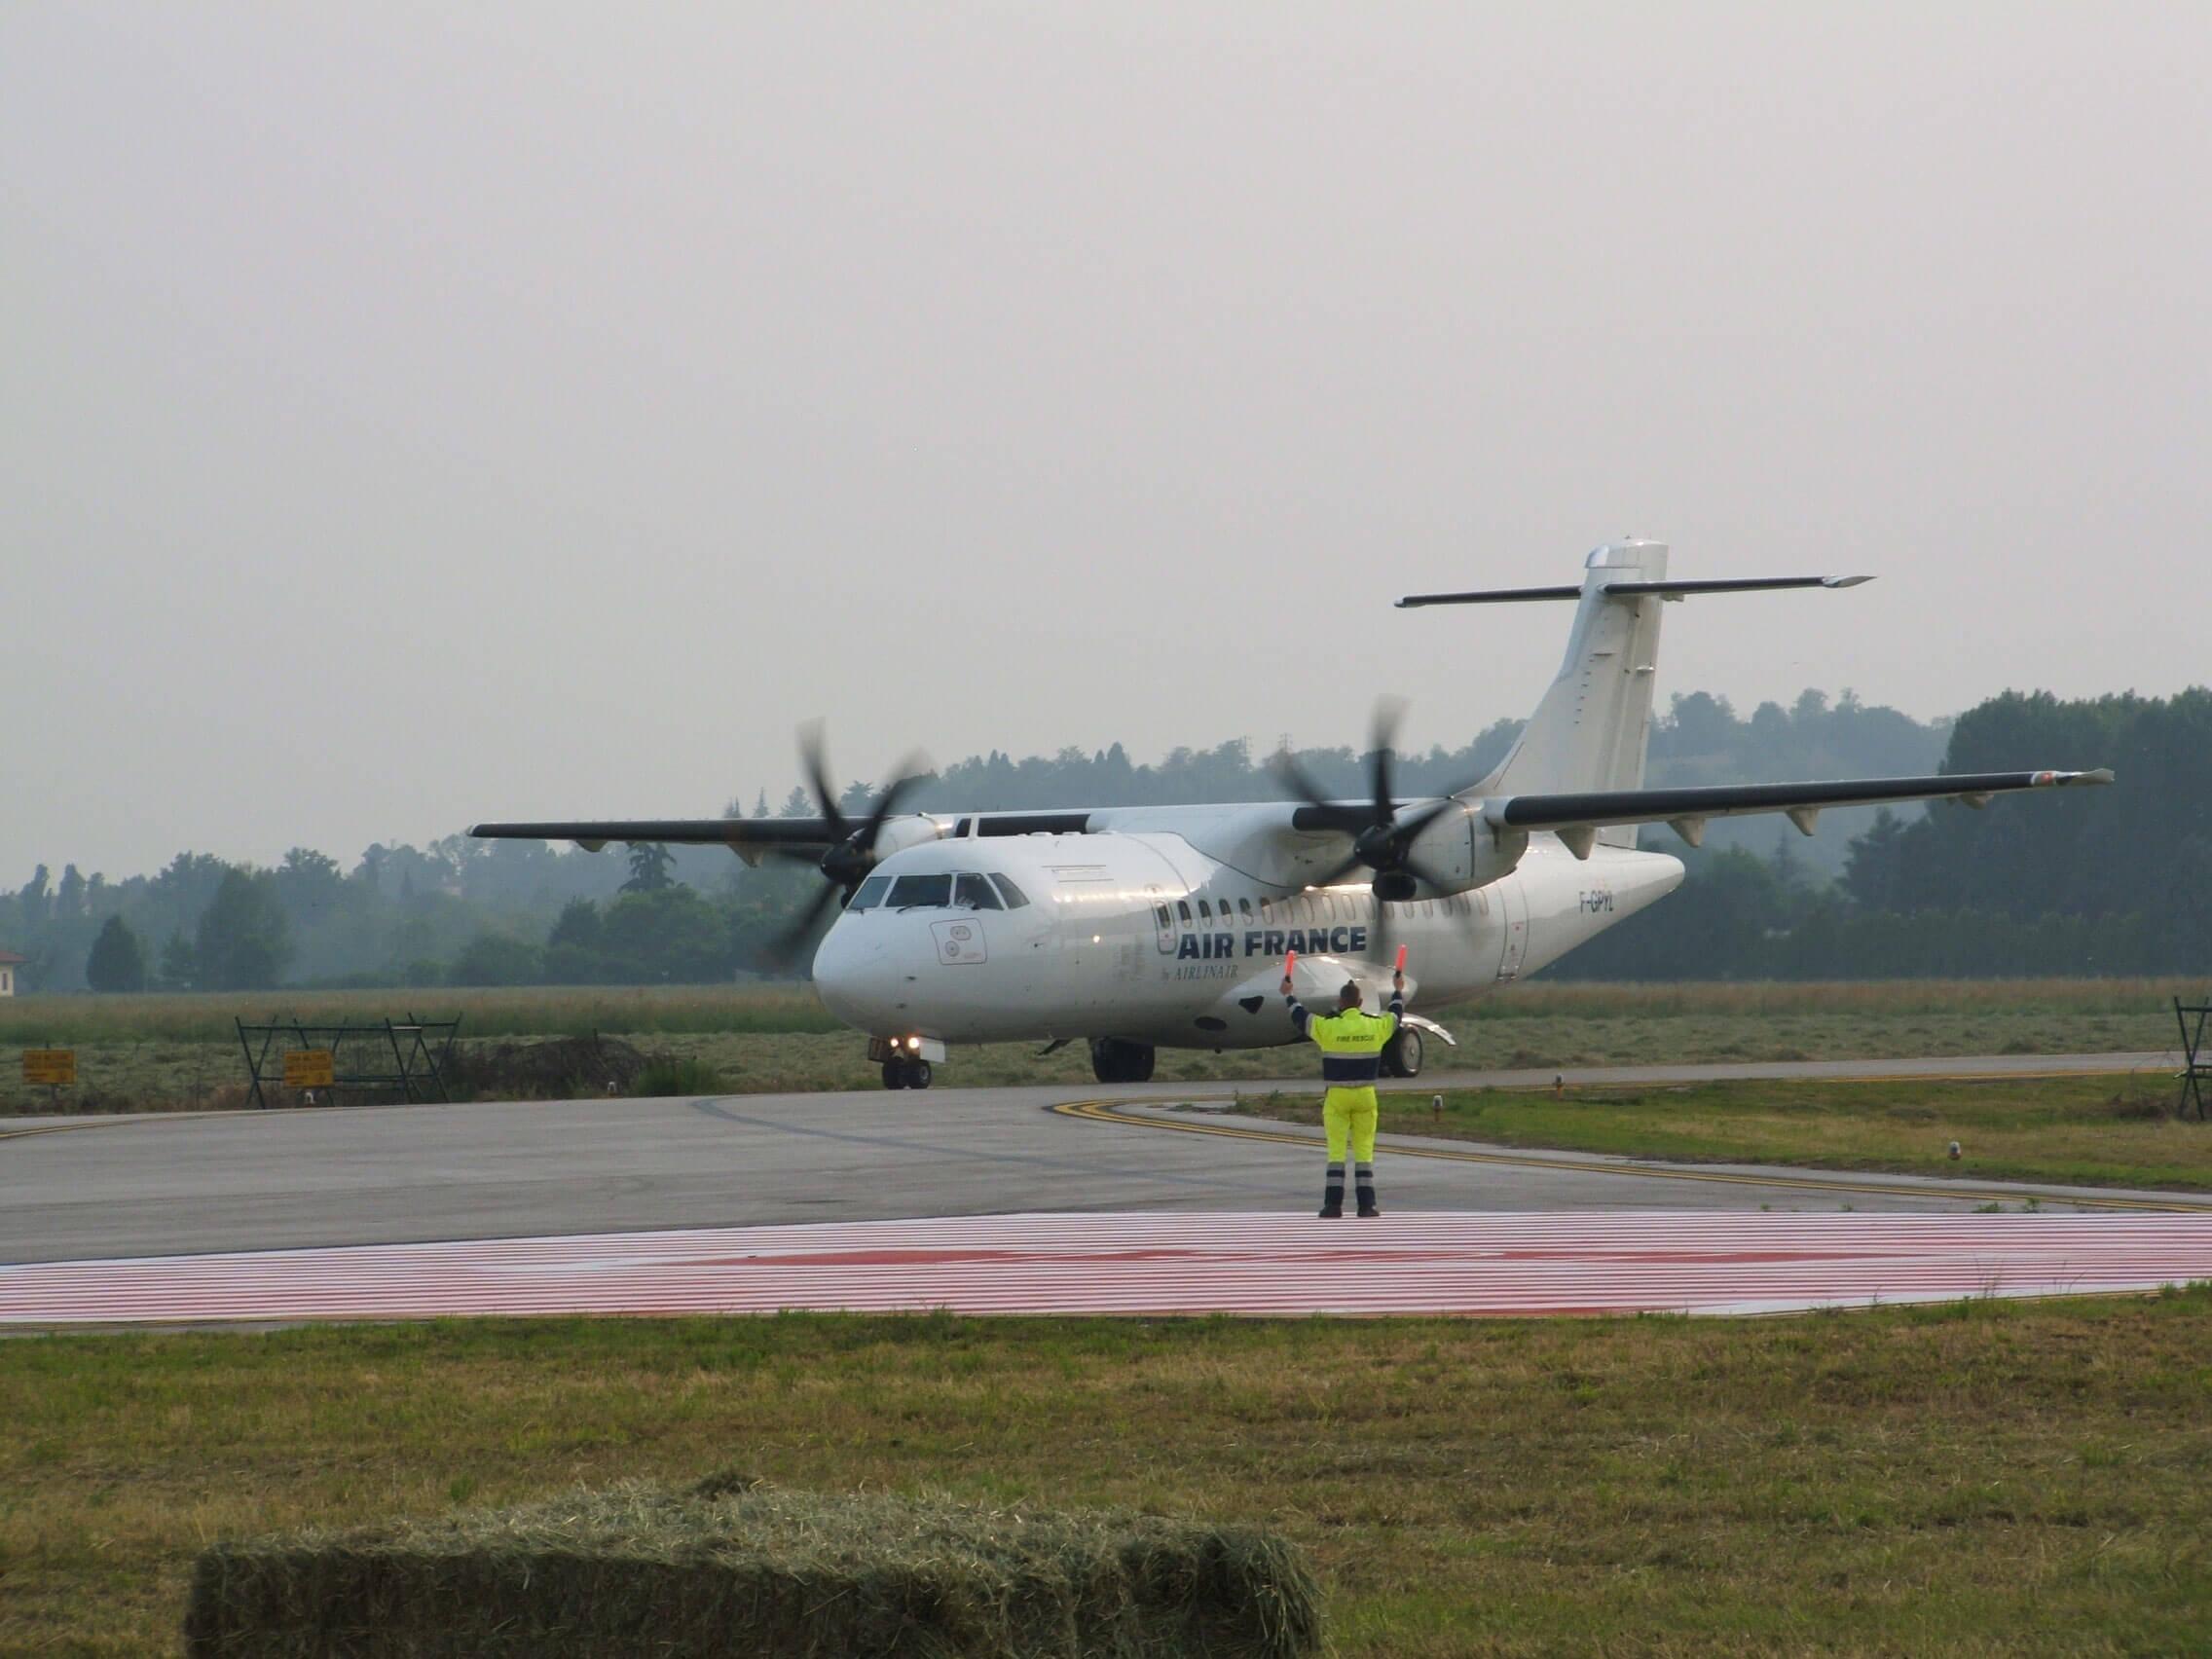 Secouriste aéroportuaire pour héliports et hélisurfaces